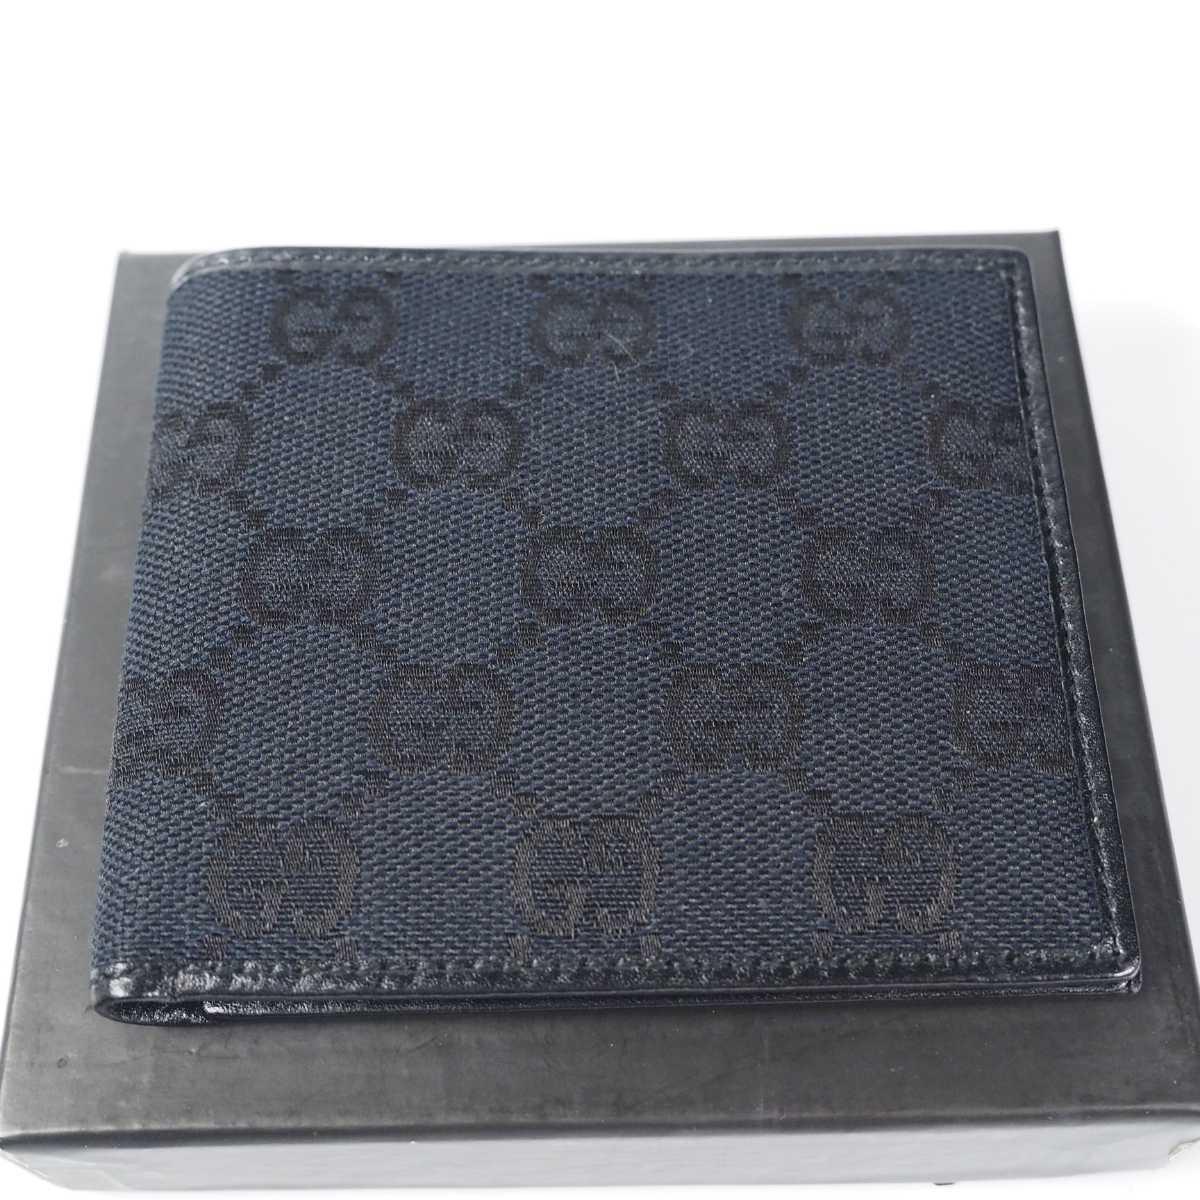 【未使用 送料無料】グッチ GG キャンバス 二つ折り財布 ブラック GUCCI 小銭入れ  財布 526_画像10